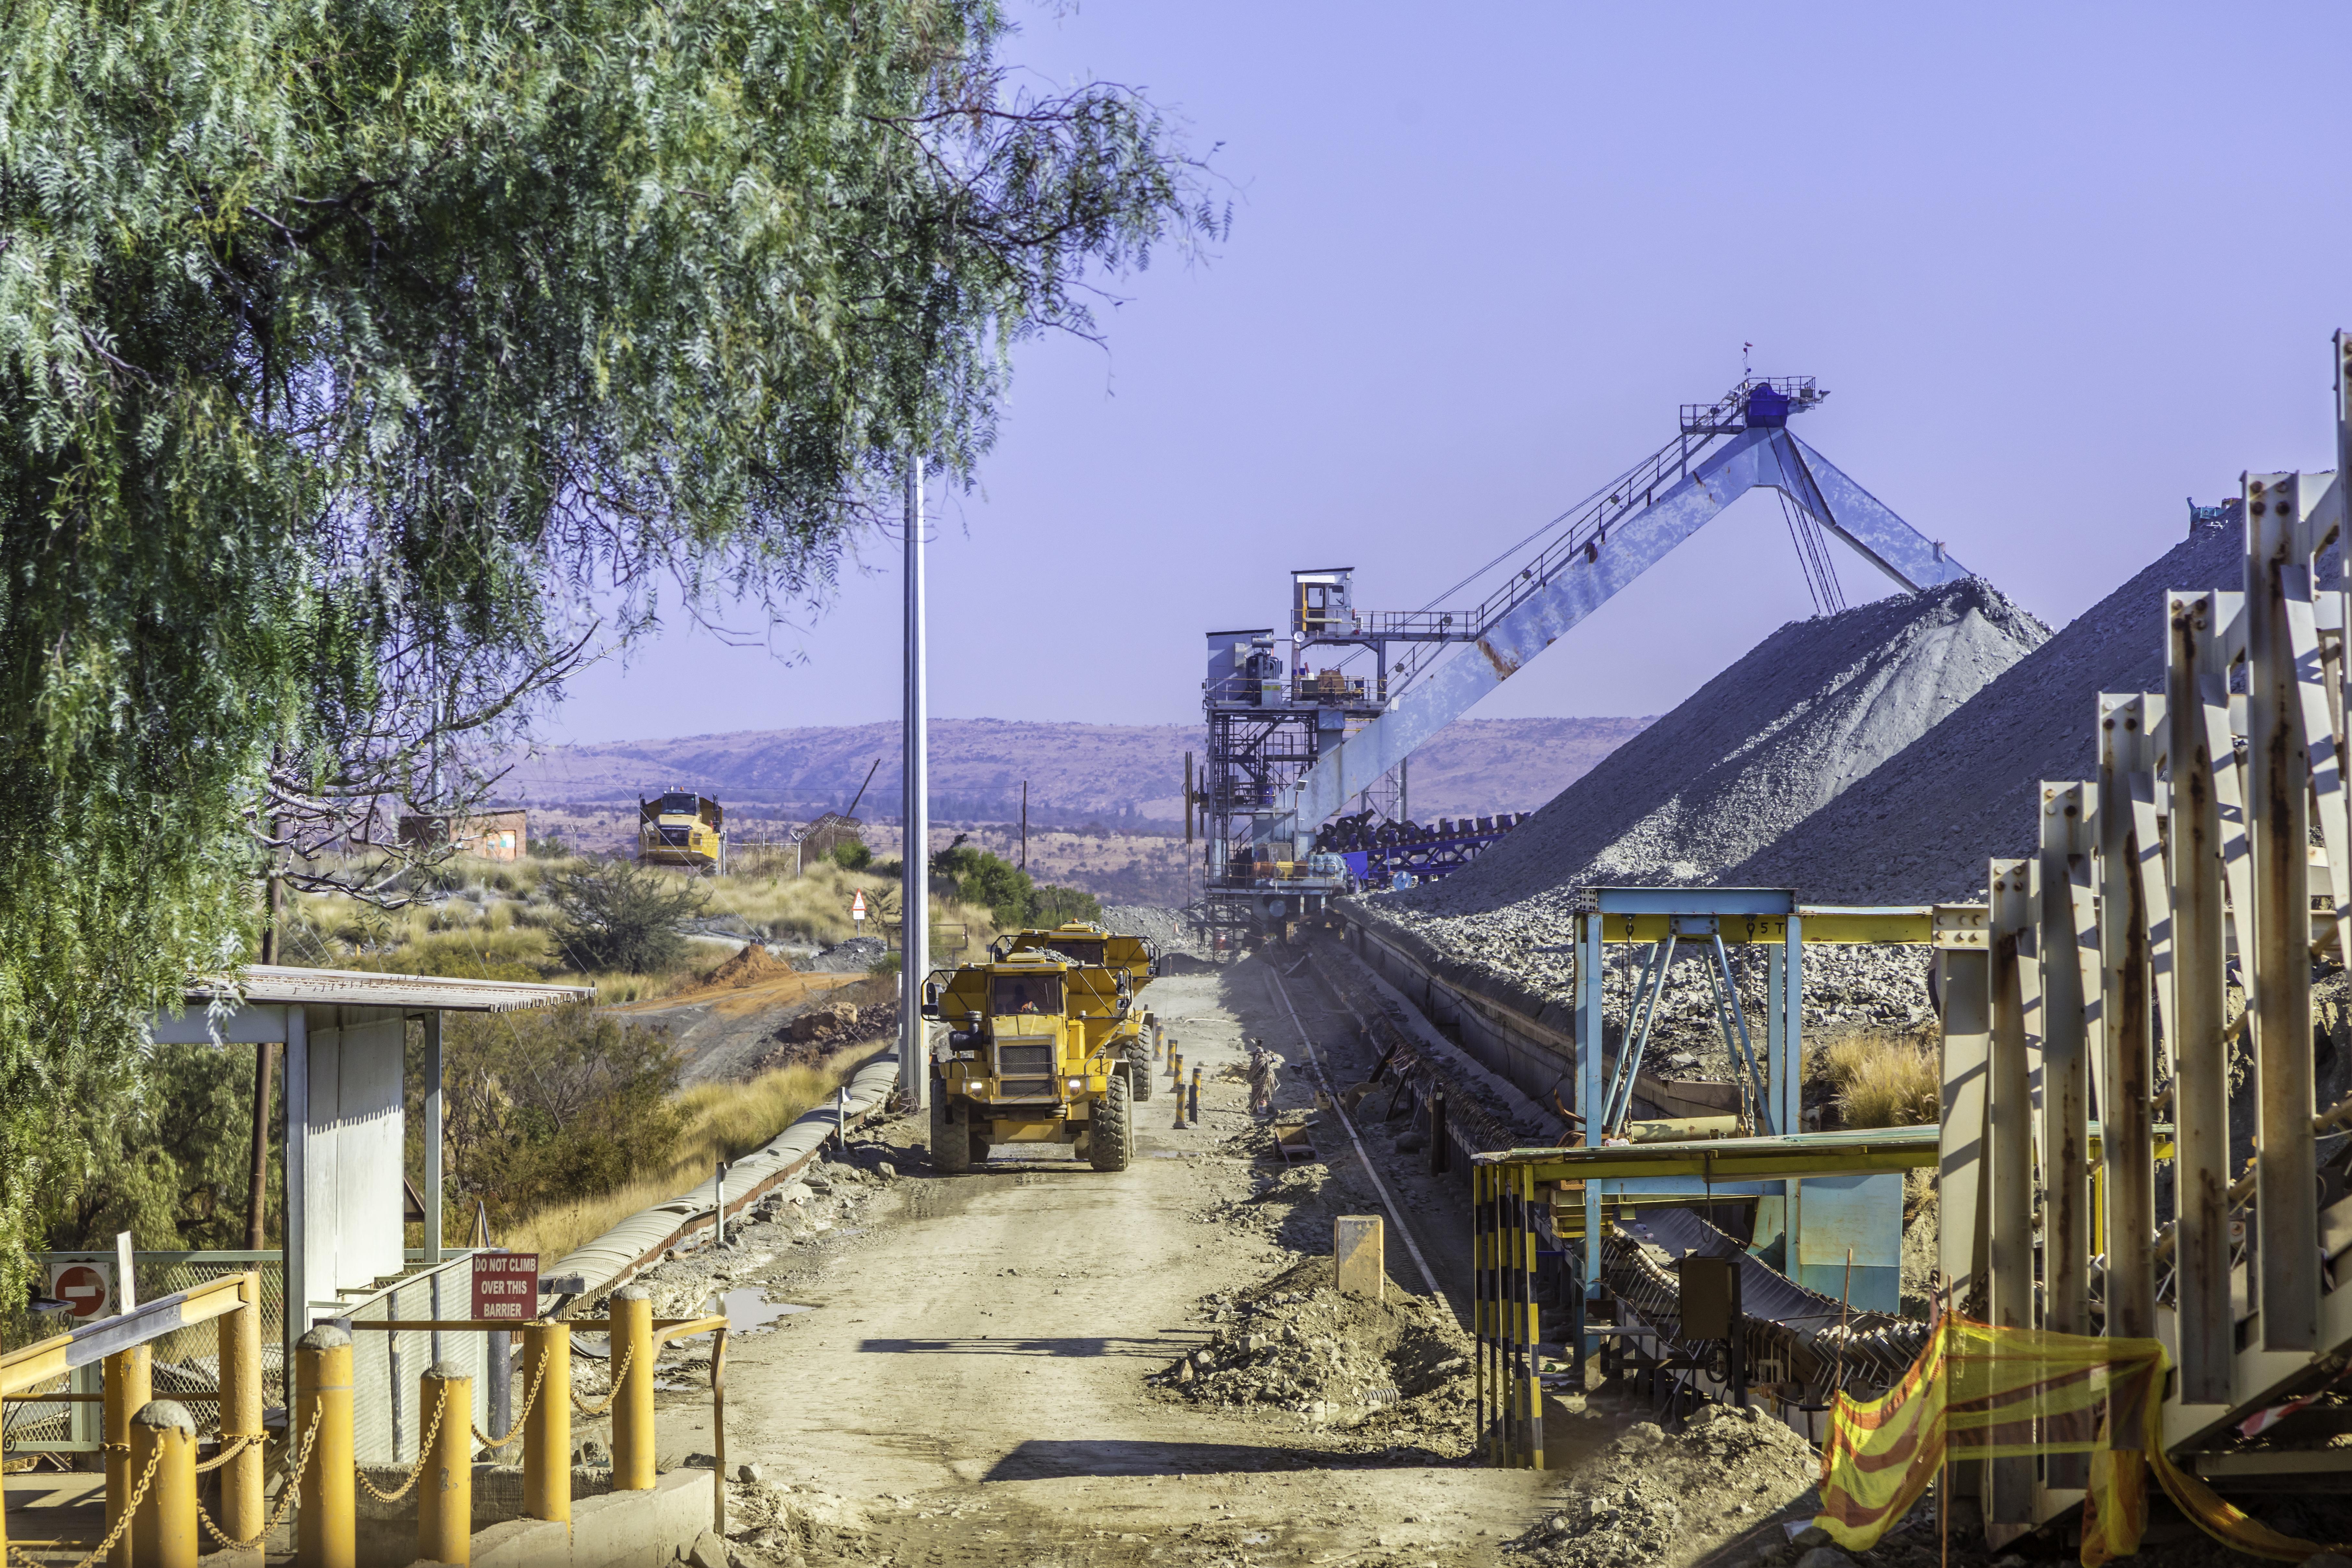 Visita una auténtica mina de diamantes - Sudáfrica Safari Kruger y Ciudad del Cabo